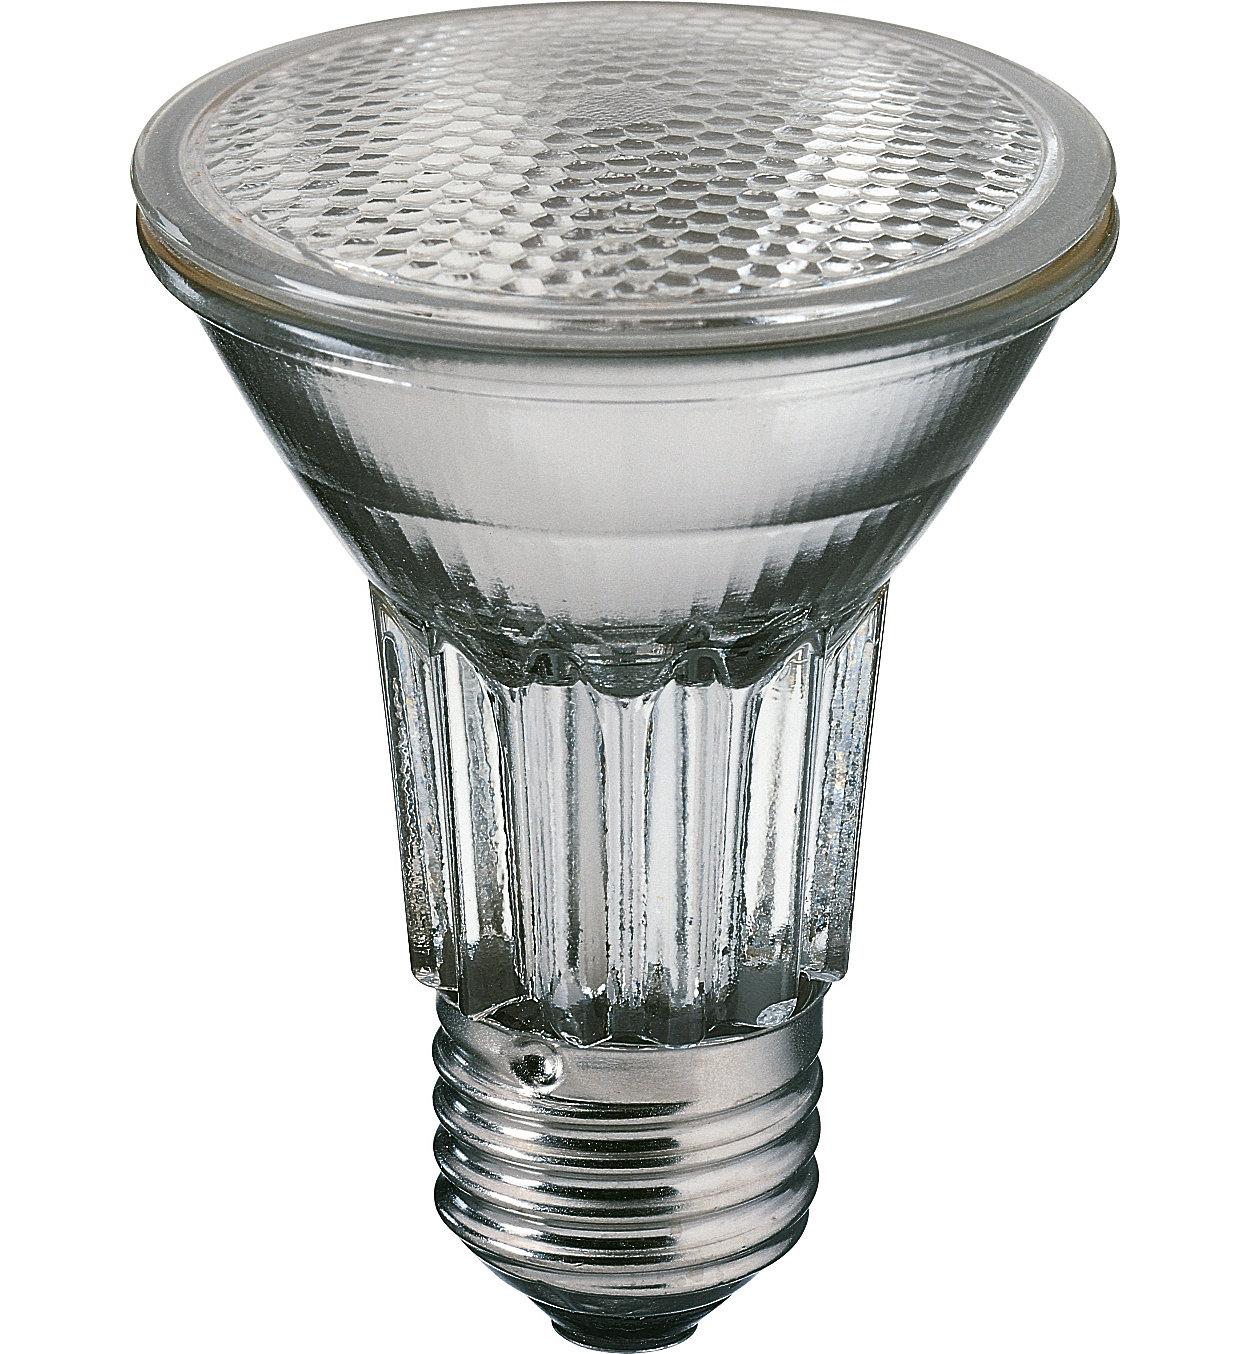 Spot de lumière blanche étincelante - une alternative moderne aux lampes à réflecteur conventionnelles